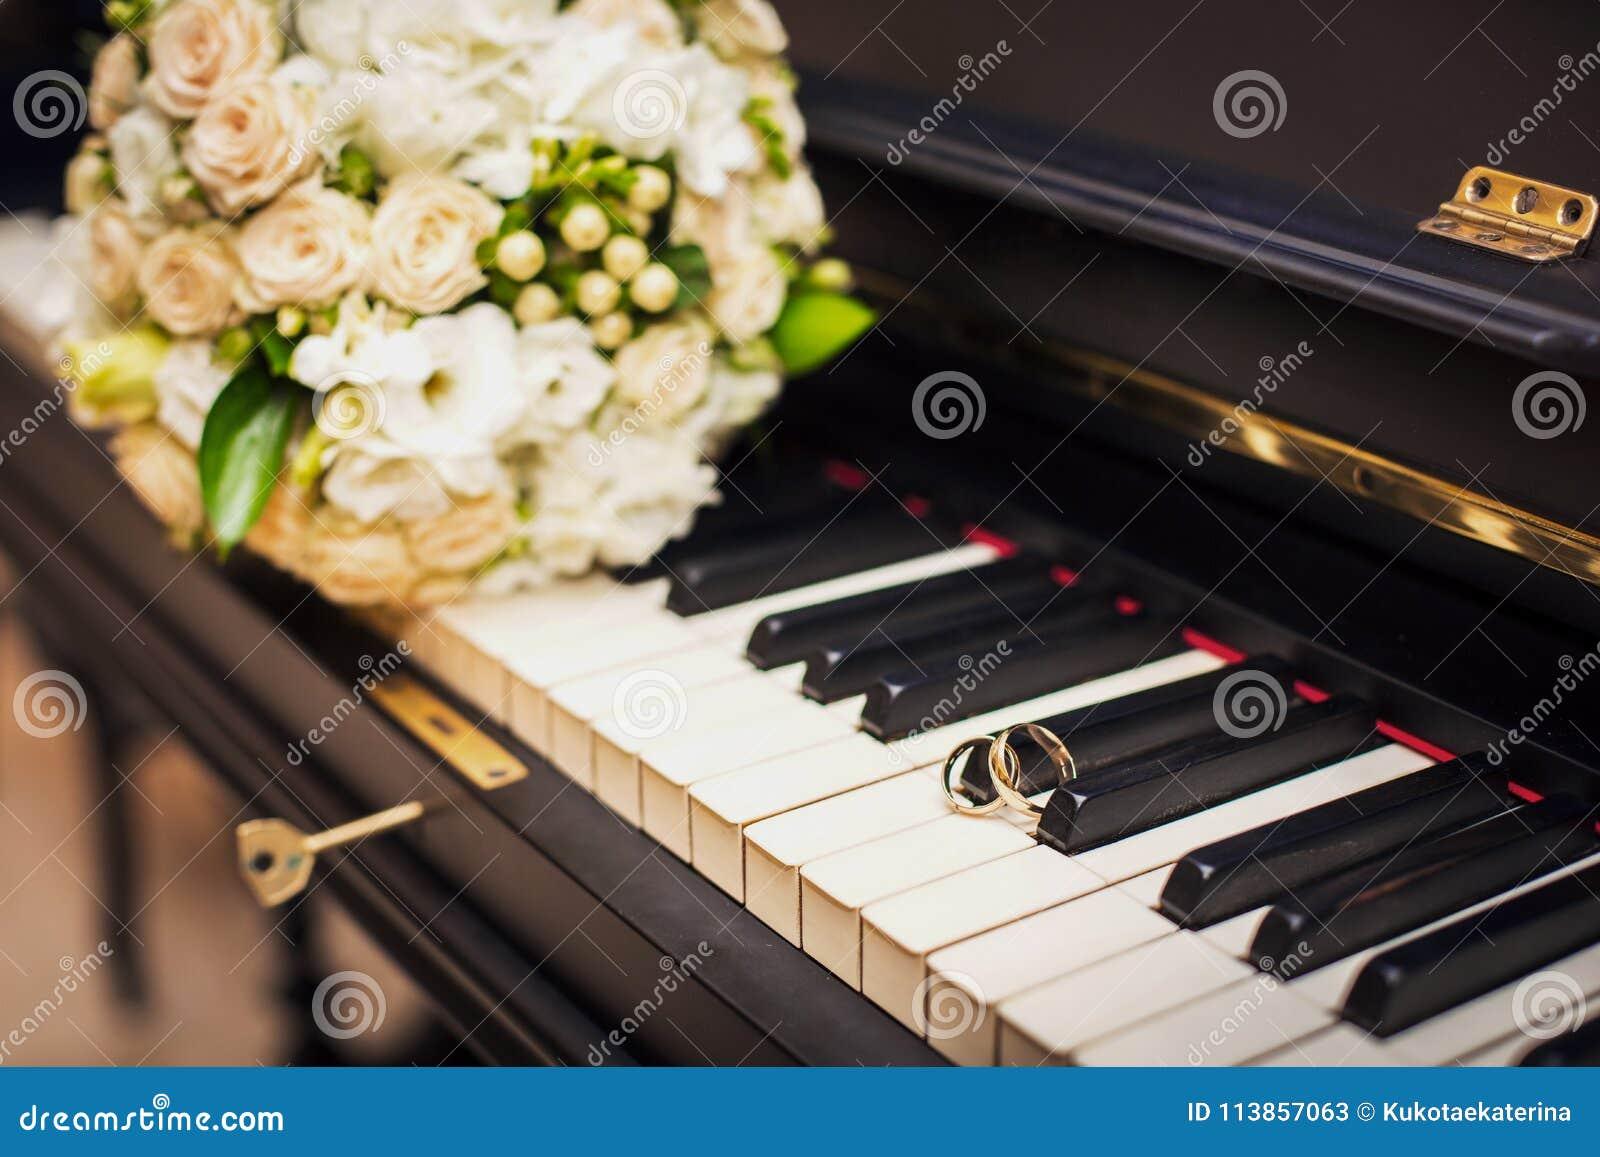 De gouden bruiloftringen liggen op de piano